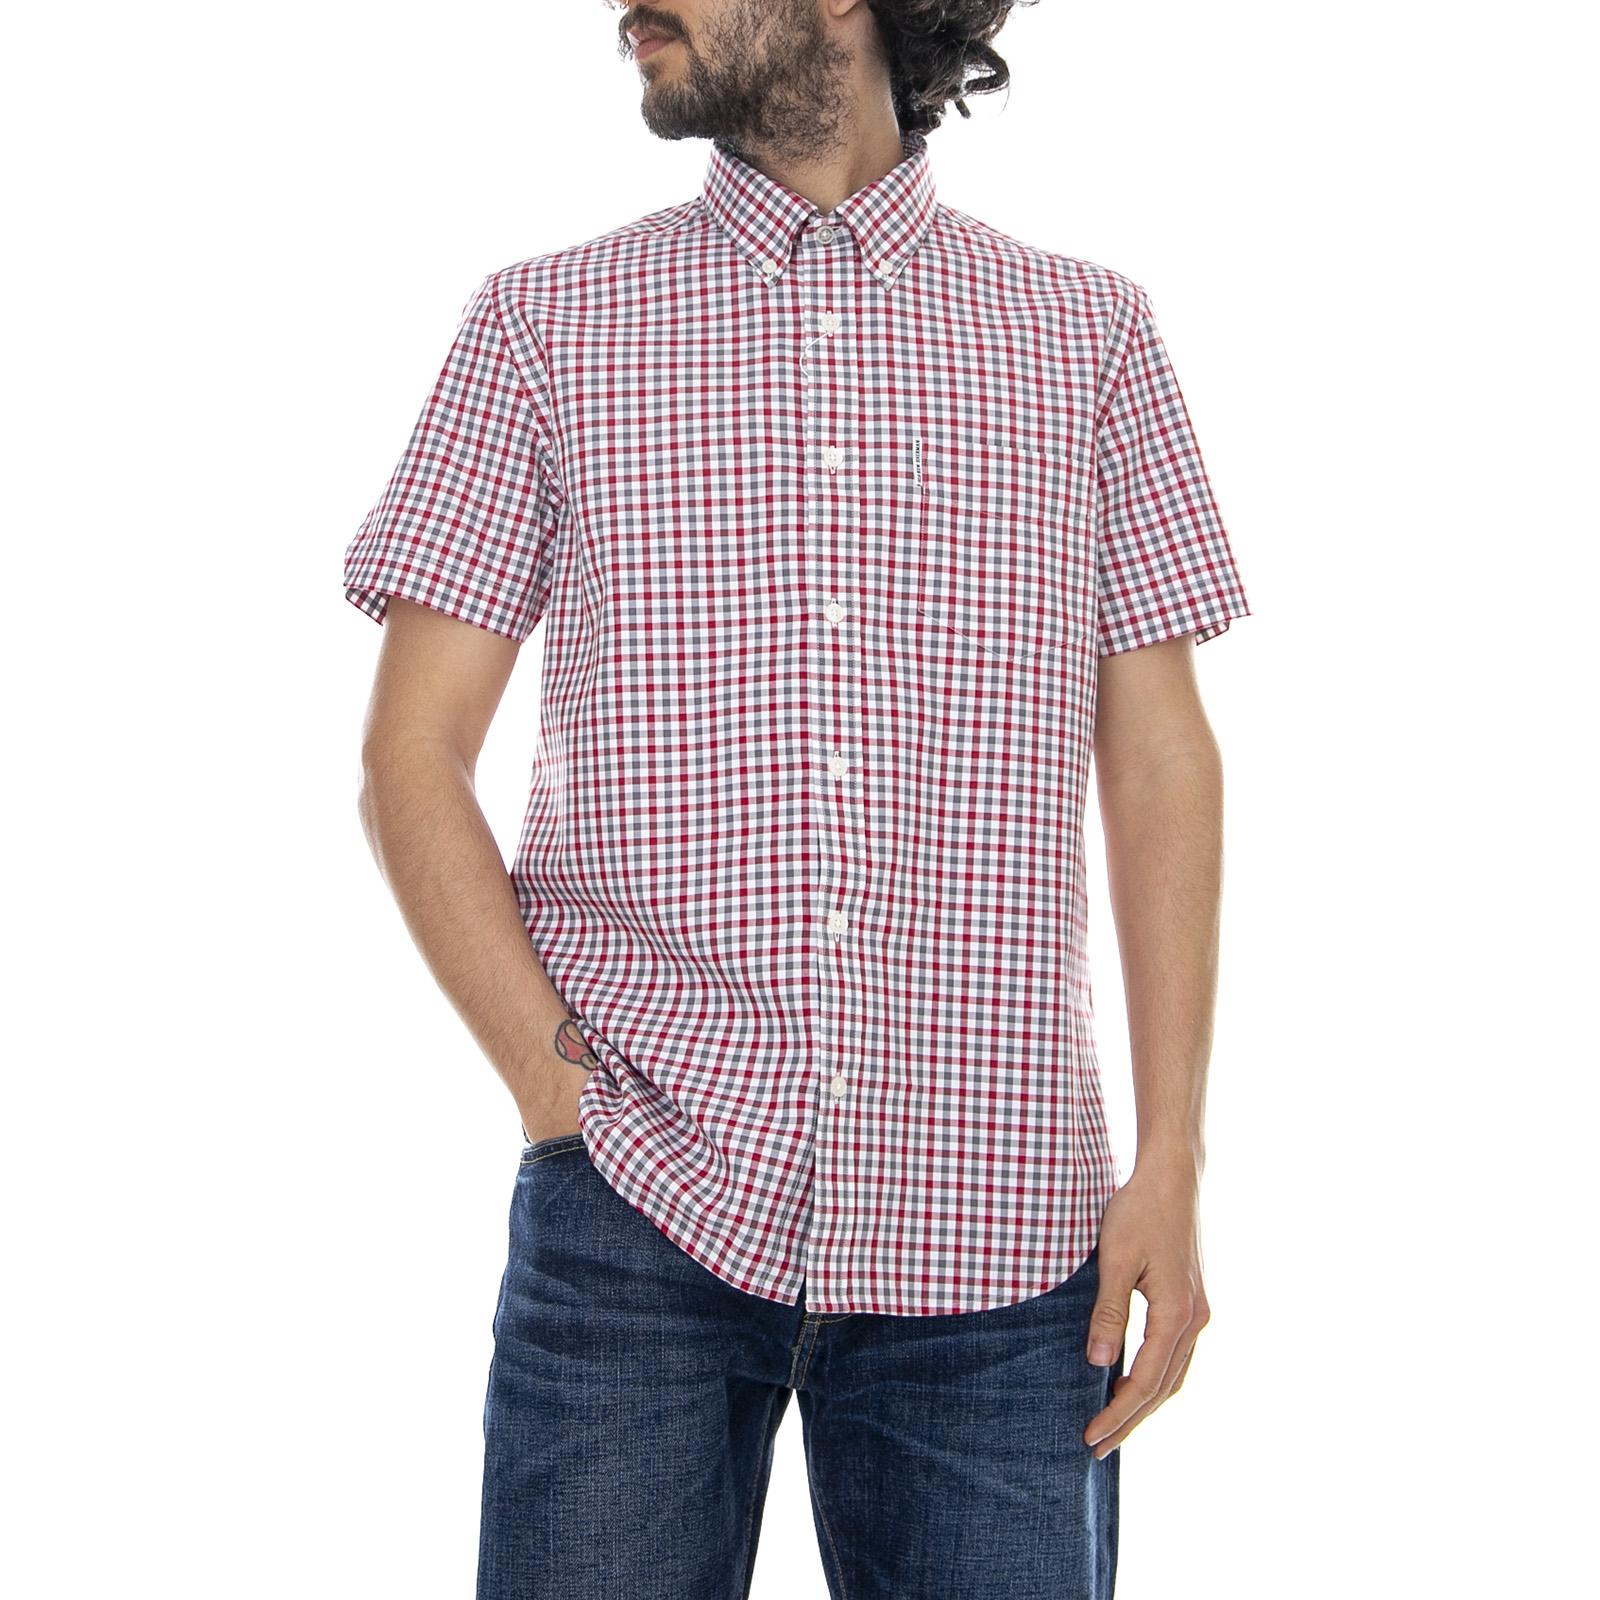 0221221c7193 Ben Sherman House Gingham - Off White/Multicolor - Camicia Maniche Corte  Uomo Multicolor